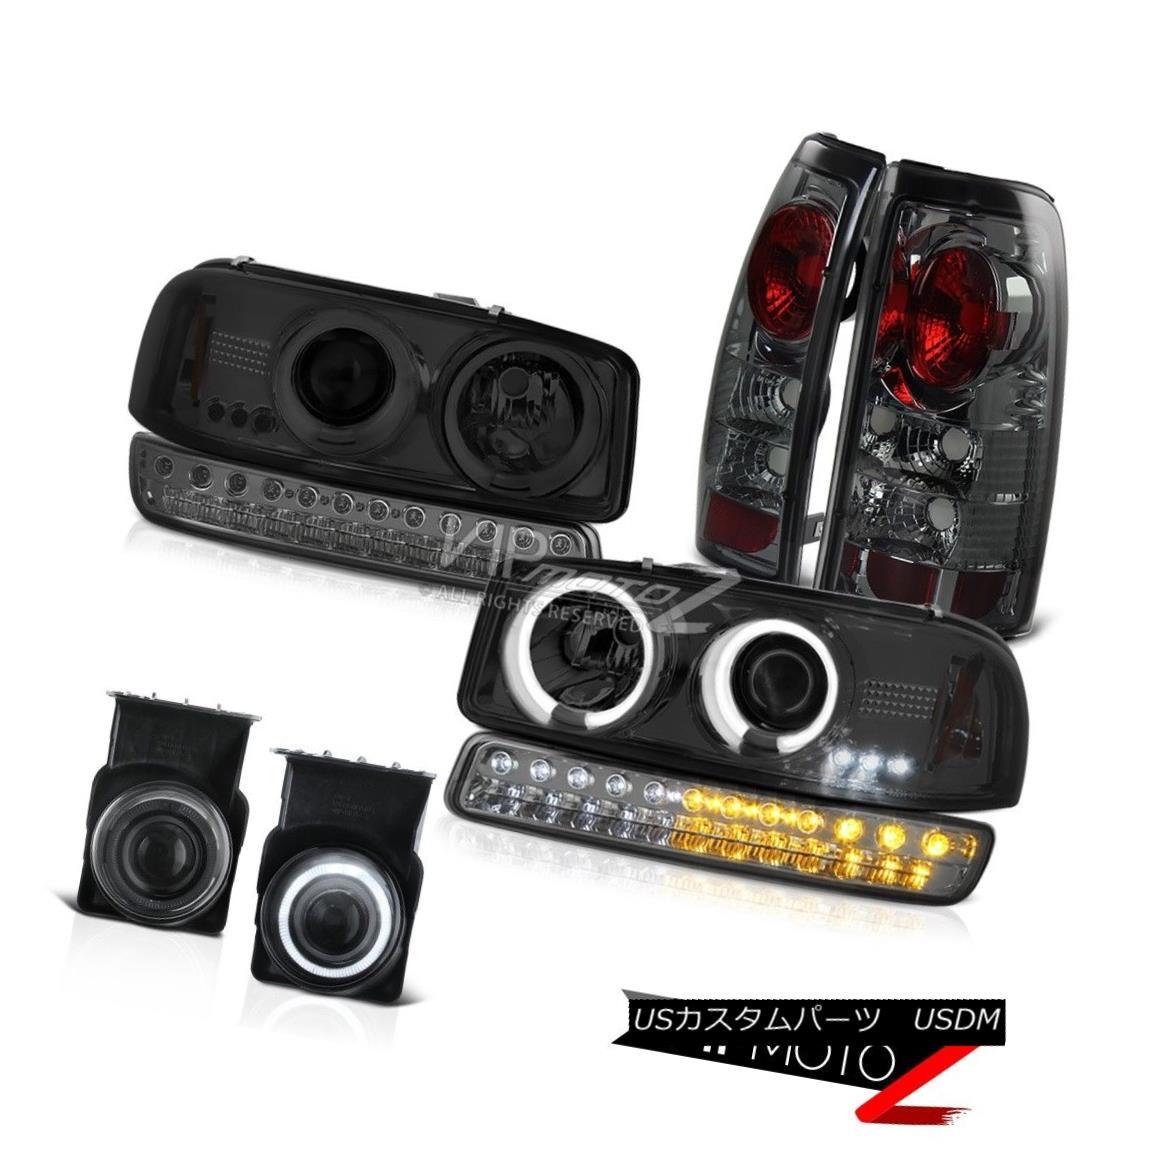 ヘッドライト 03-06 Sierra SL Smokey Foglights Taillamps Turn Signal CCFL Projector Headlamps 03-06シエラSLスモーキーフォグライトタイルランプCCFLプロジェクターヘッドランプ